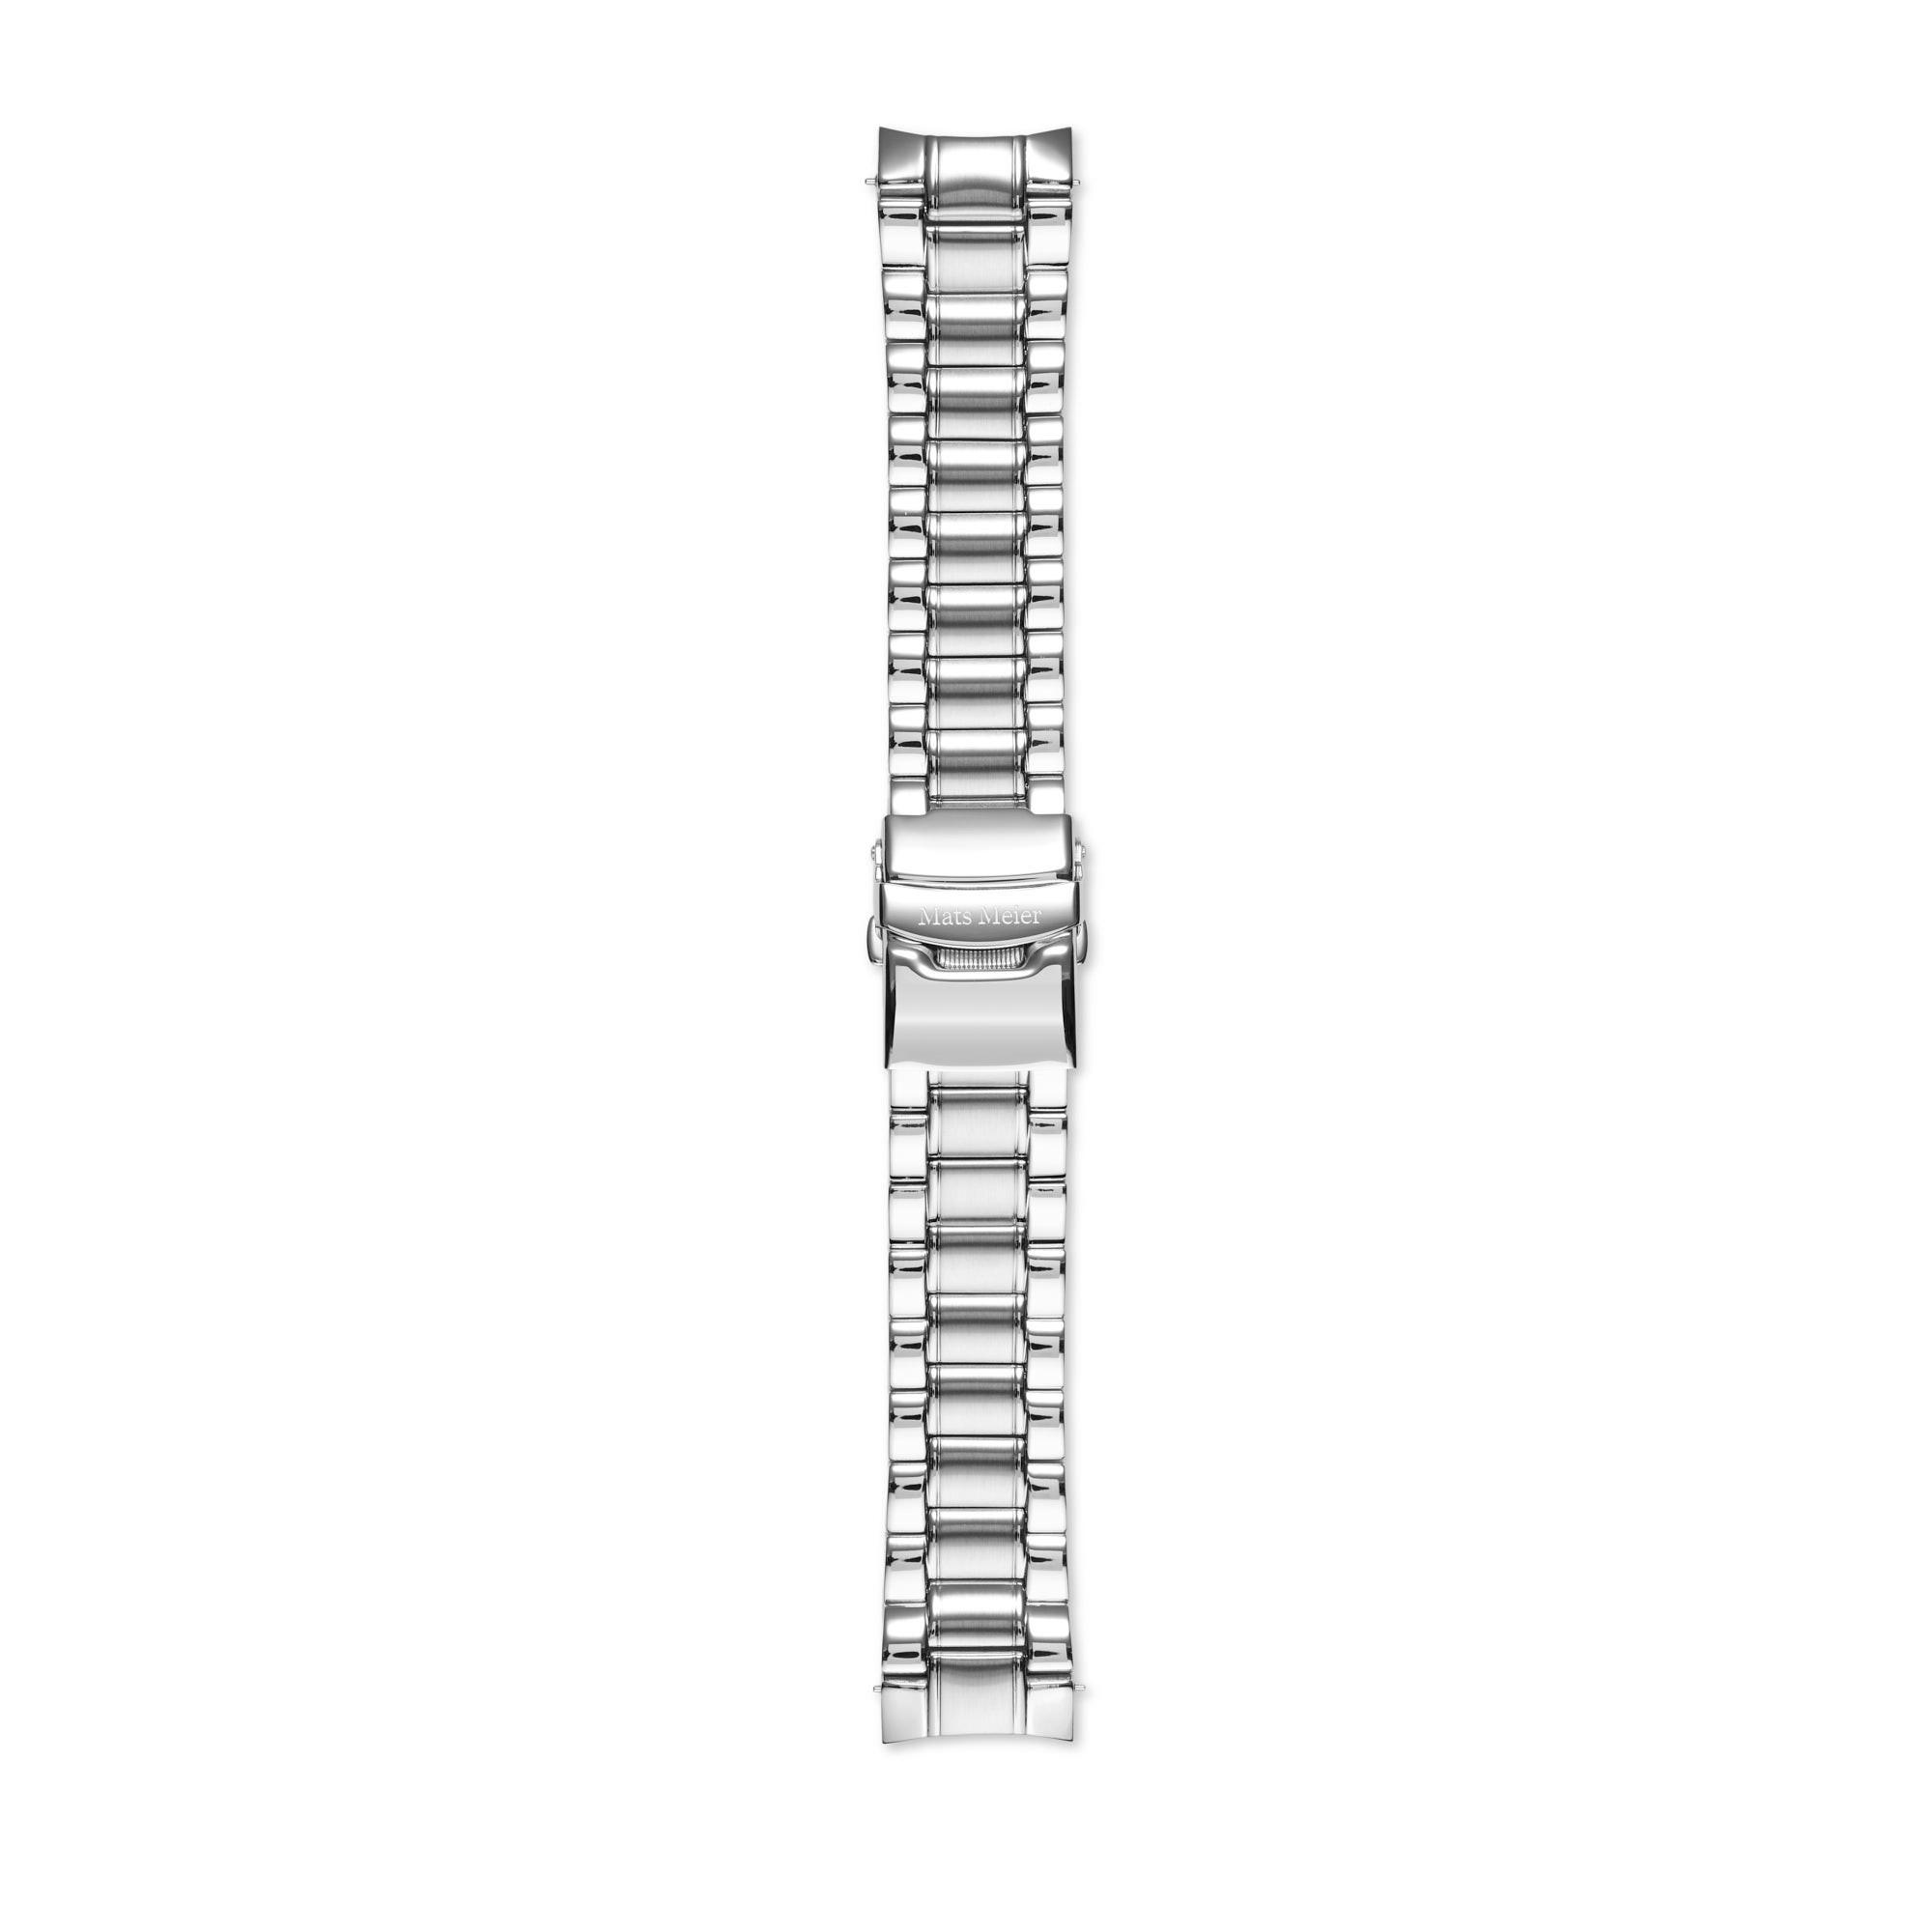 Mats Meier Ponte Dei Salti bracelet montre acier 22 mm couleur argent